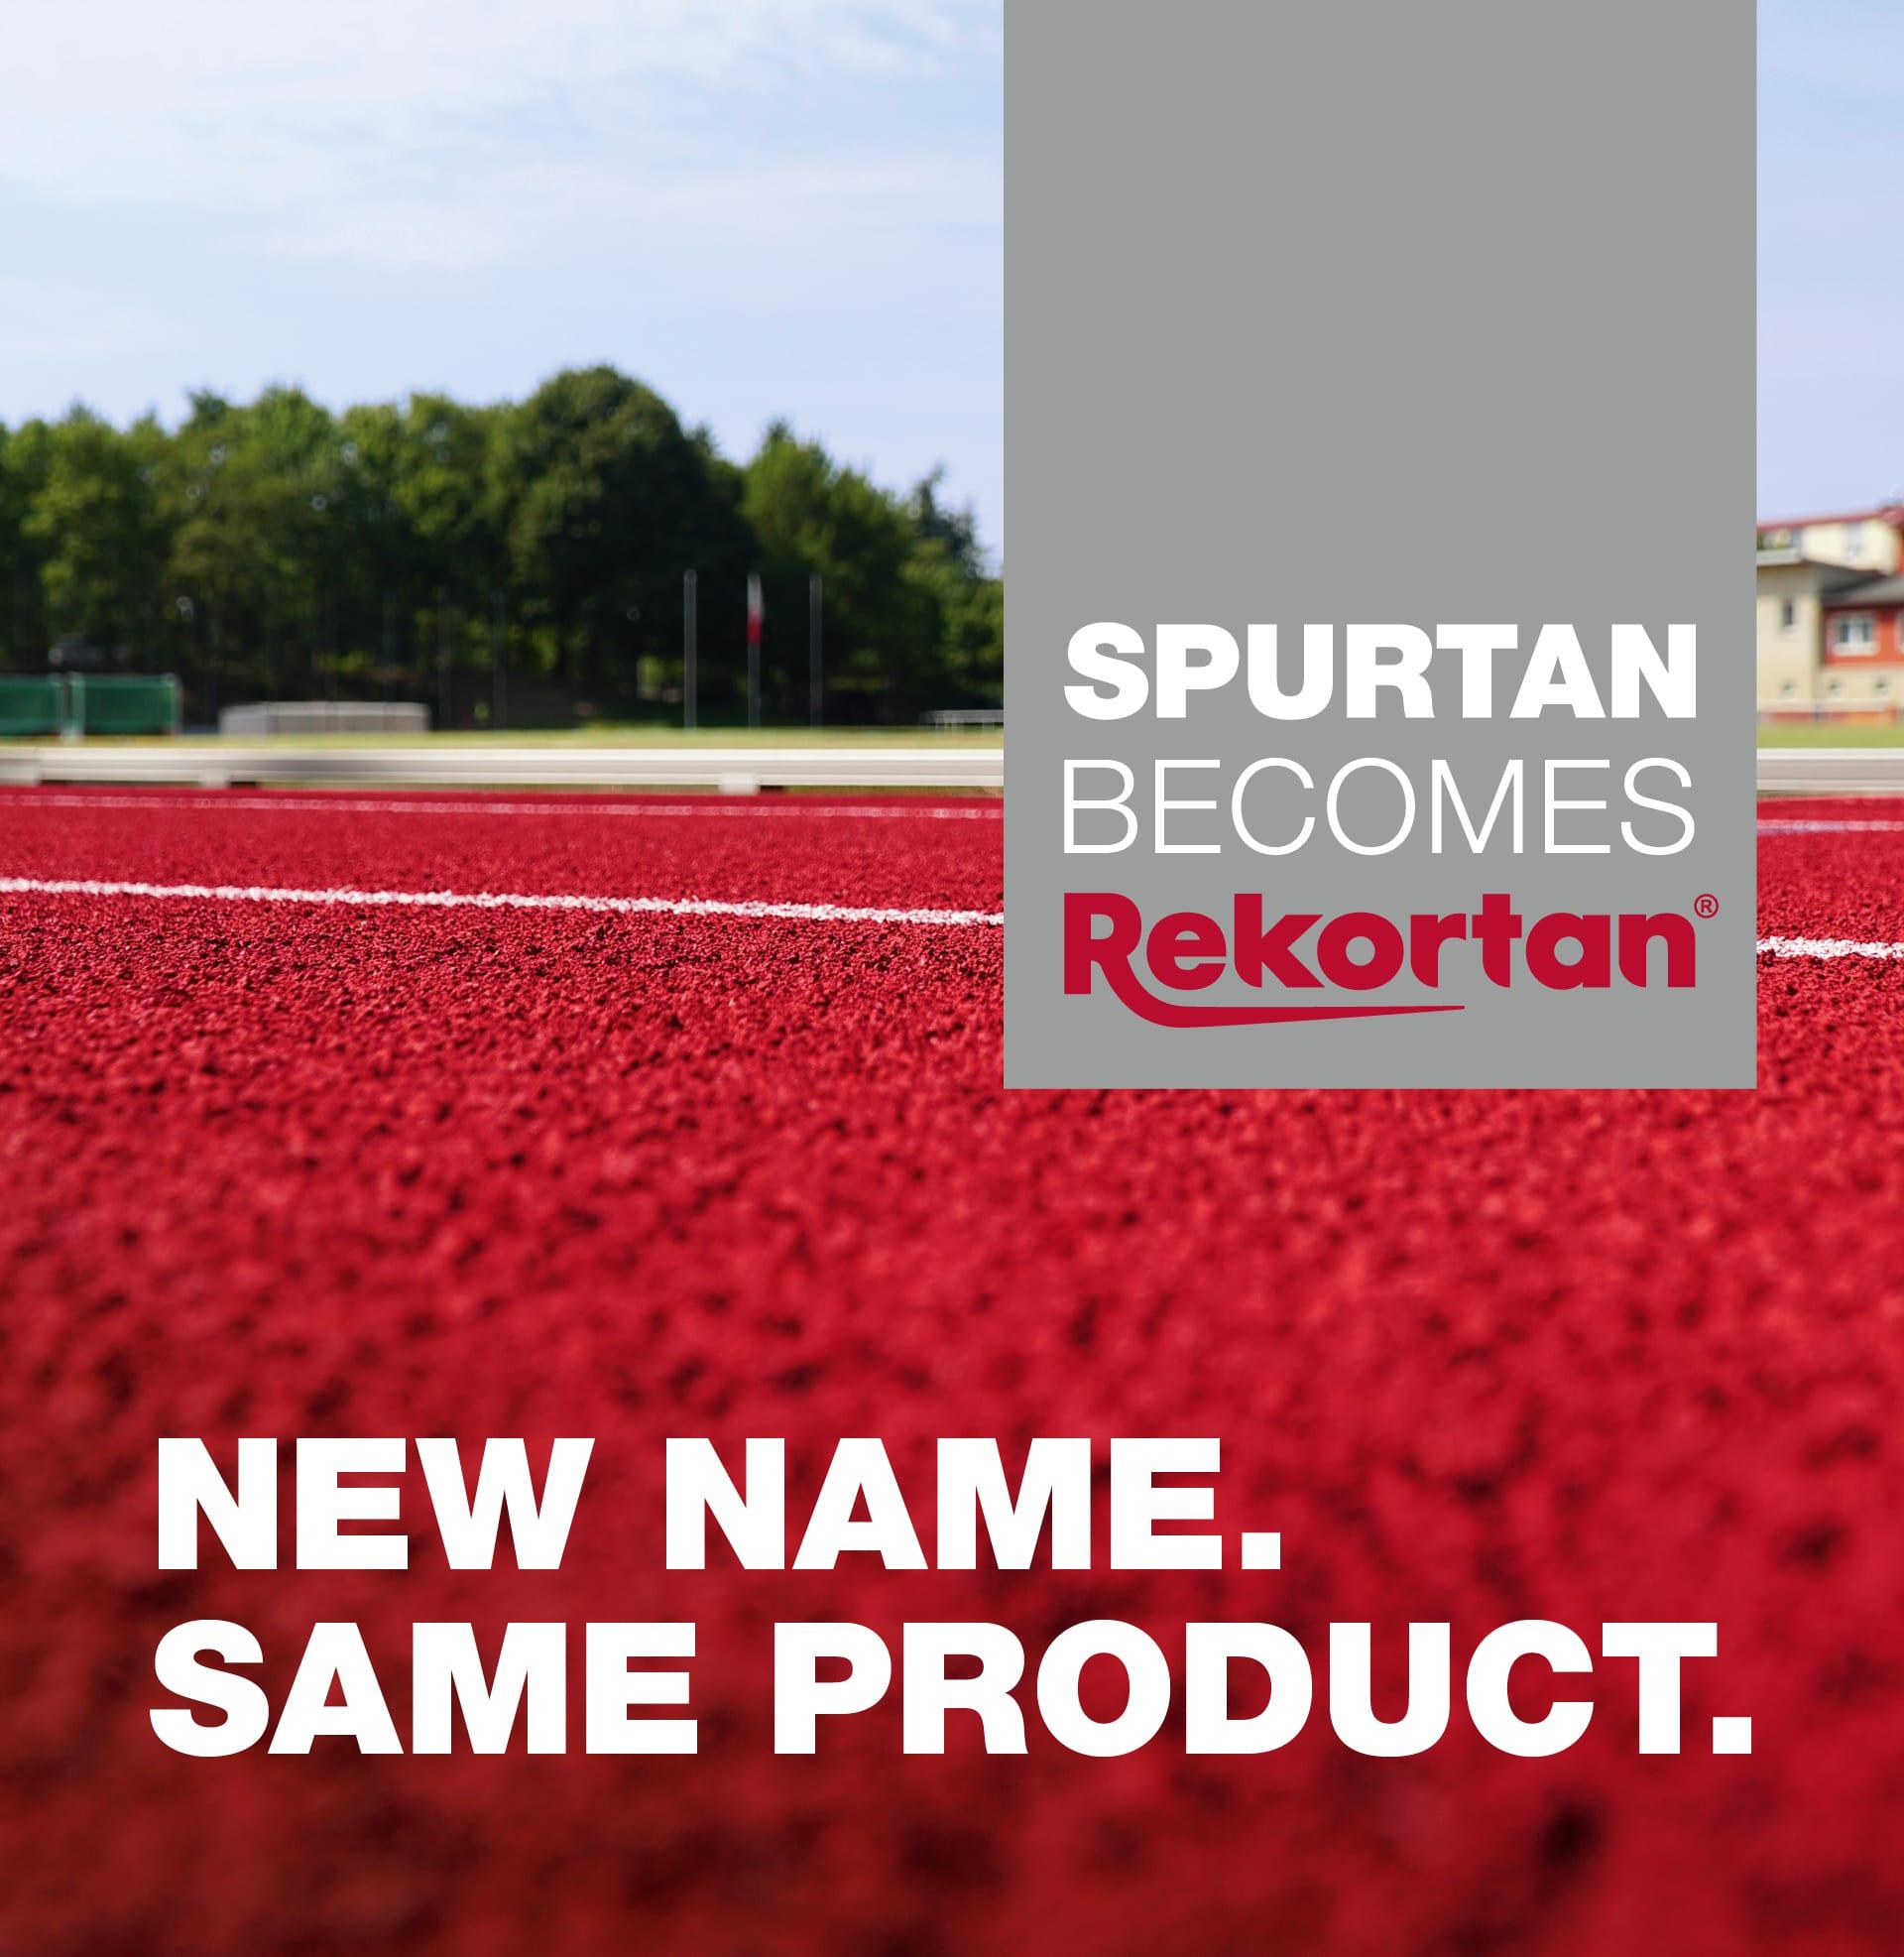 startseite-re-naming-spurtan-wird-rekortan-1920x1973px